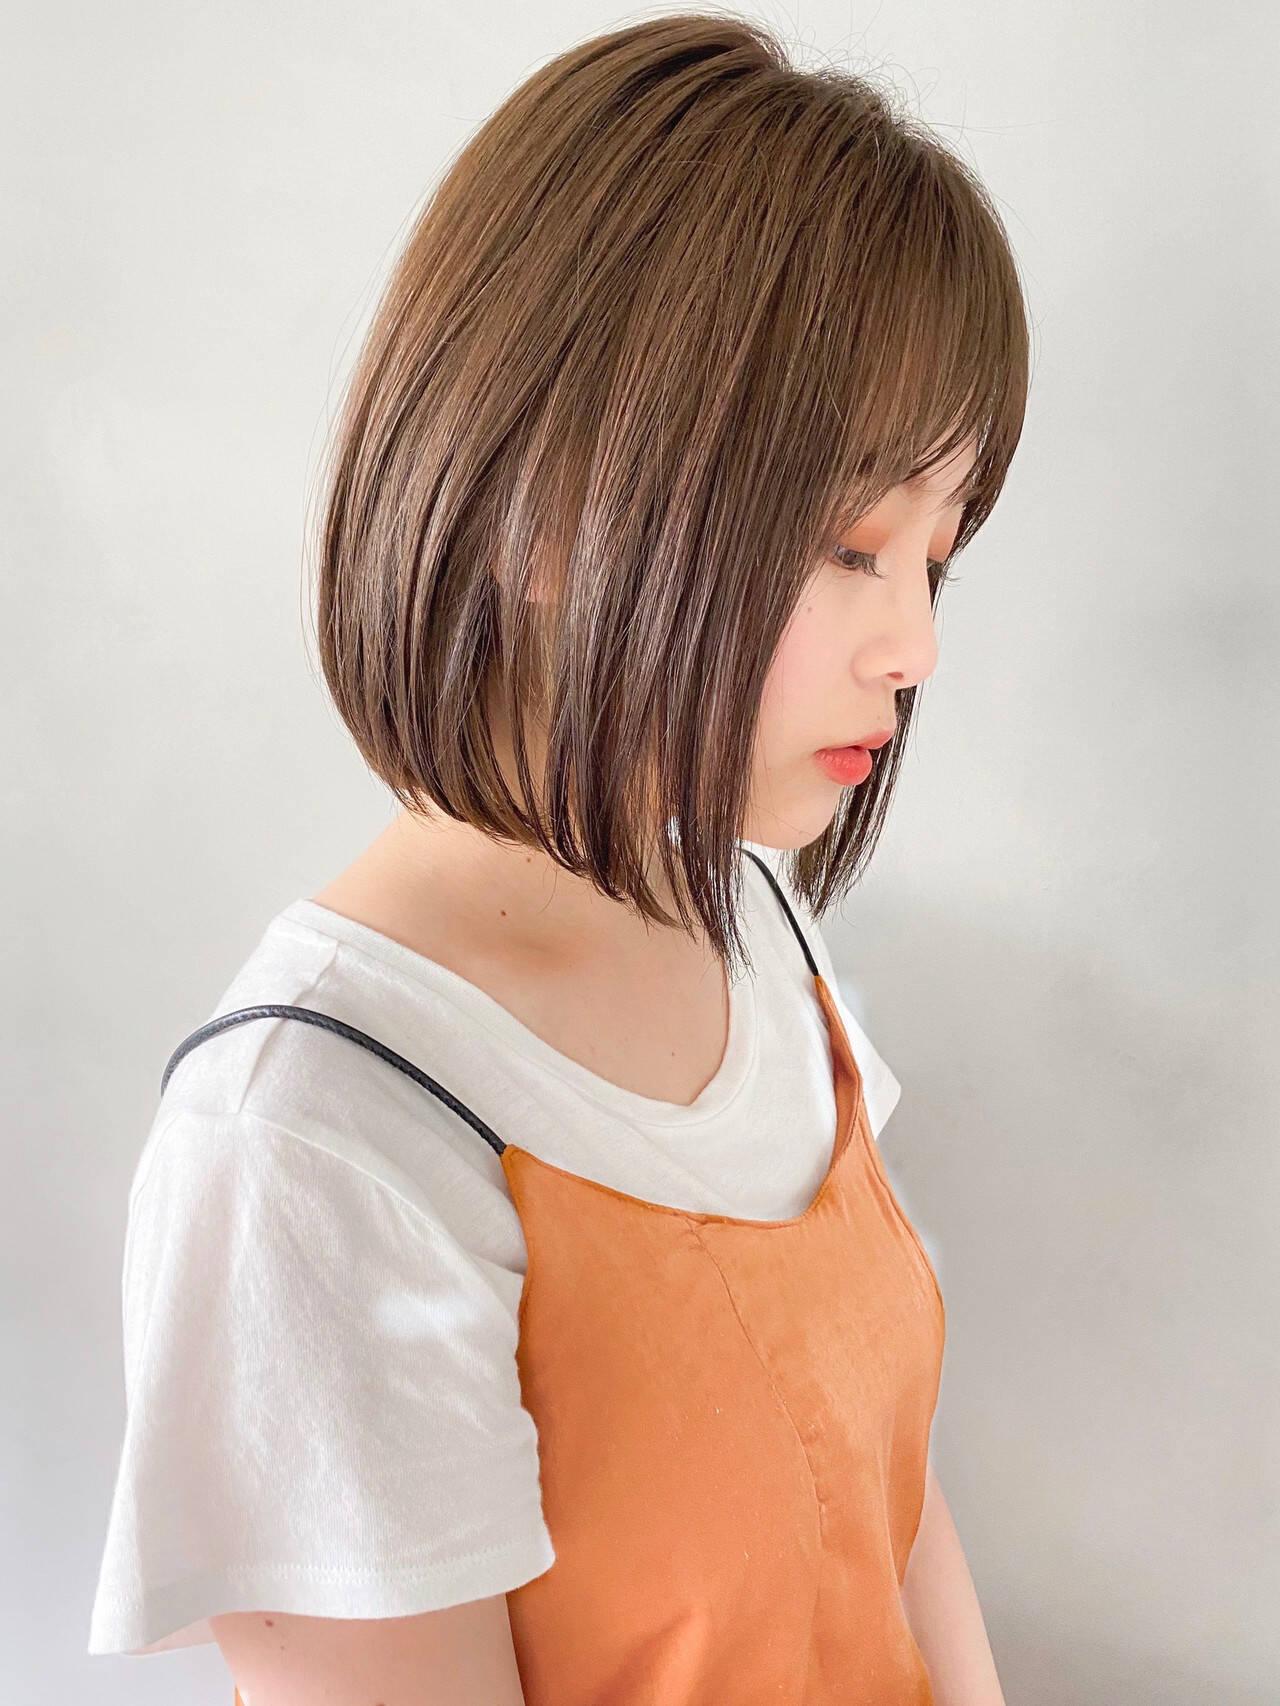 パーティ 透明感カラー 外ハネボブ ショートボブヘアスタイルや髪型の写真・画像